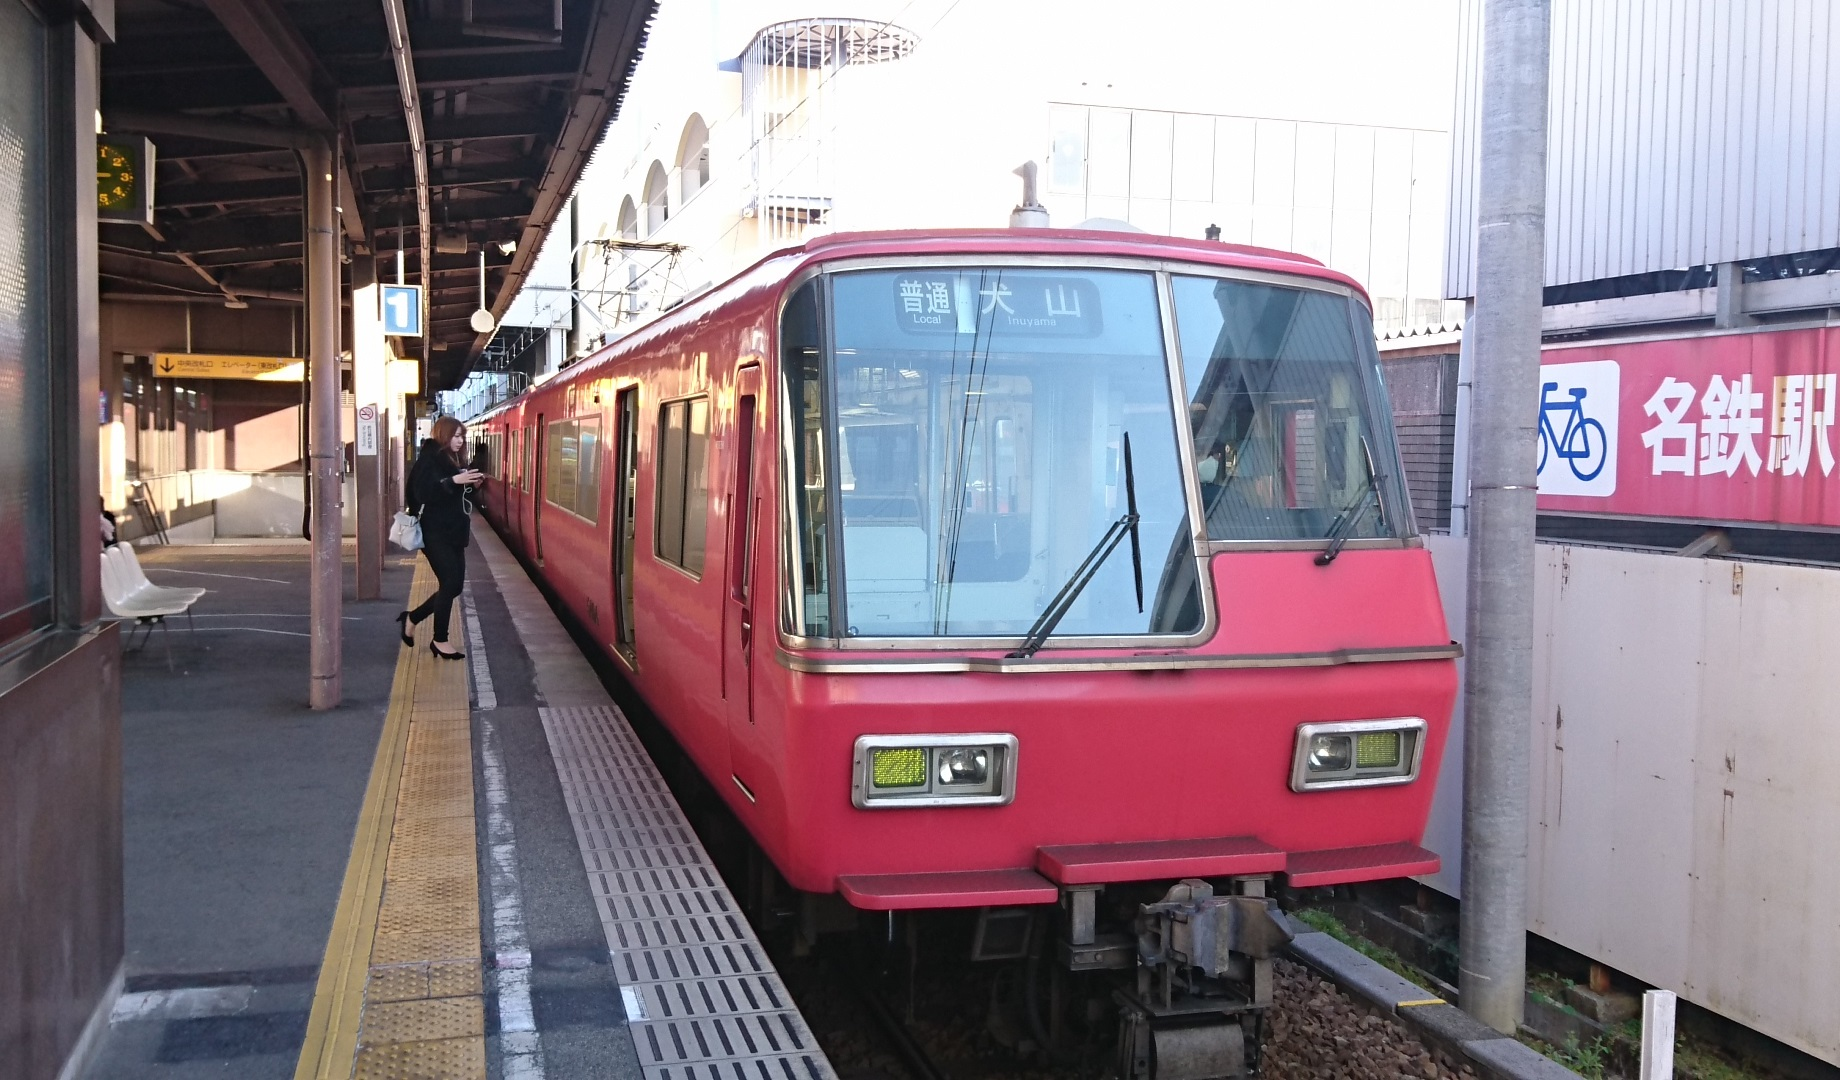 2017.11.21 東岡崎 (1) 東岡崎 - 犬山いきふつう 1840-1080